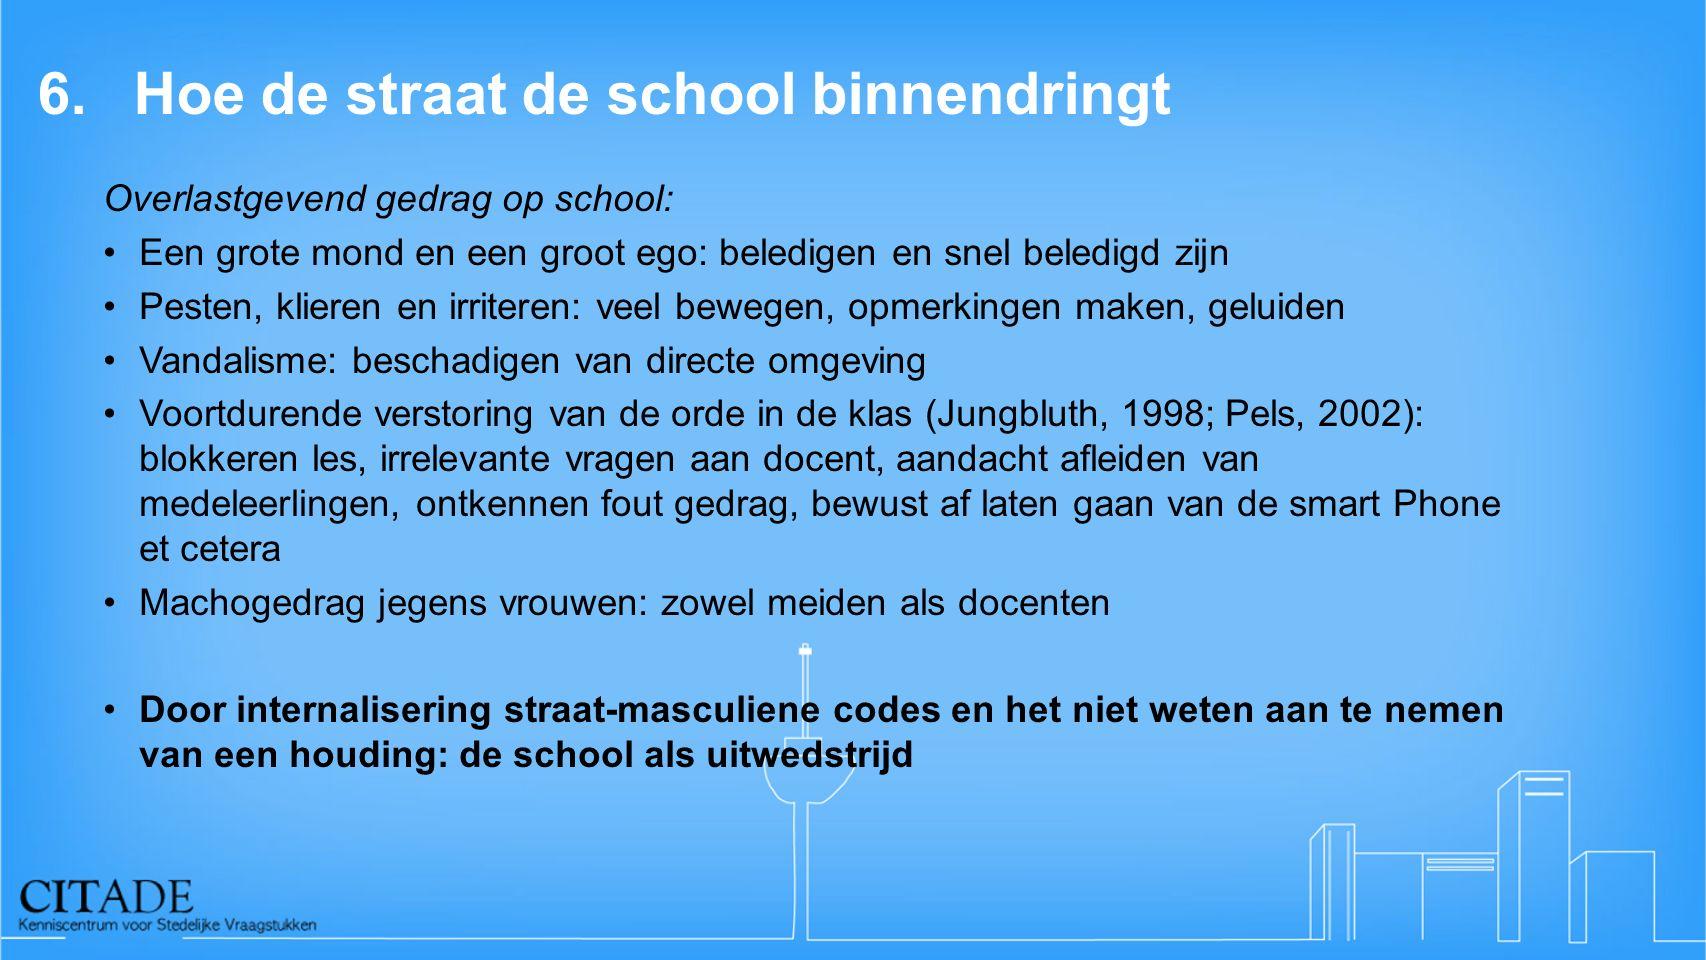 6. Hoe de straat de school binnendringt